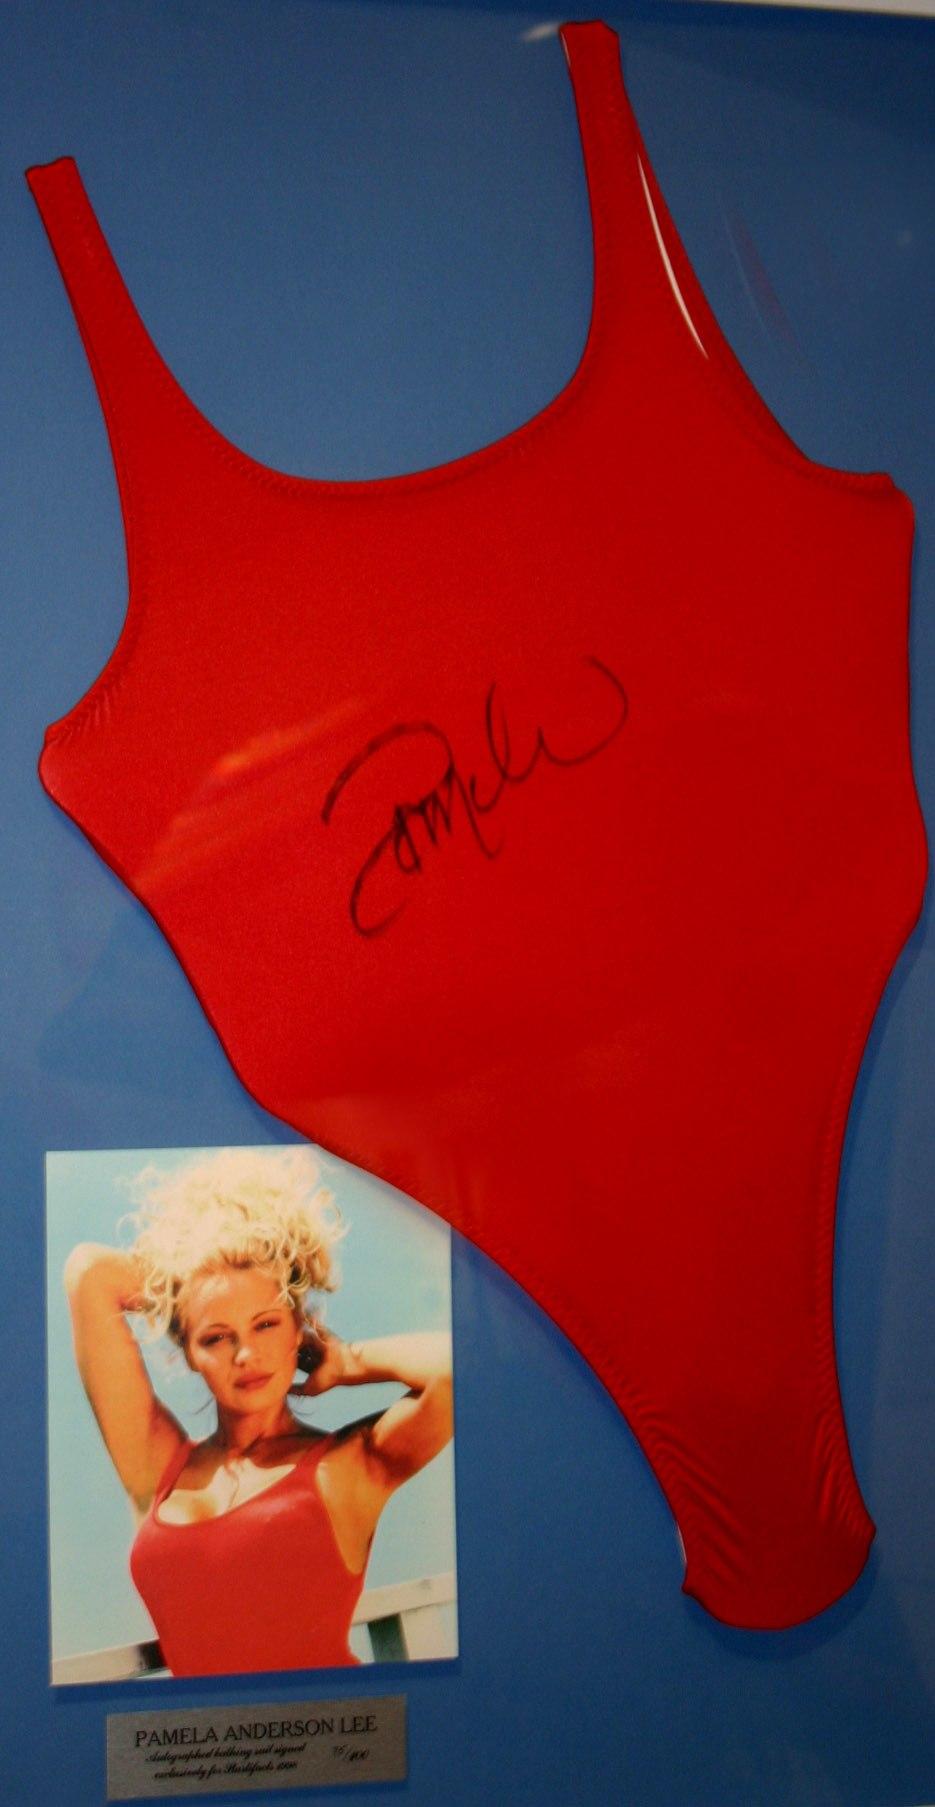 Pamela Anderson, plavky